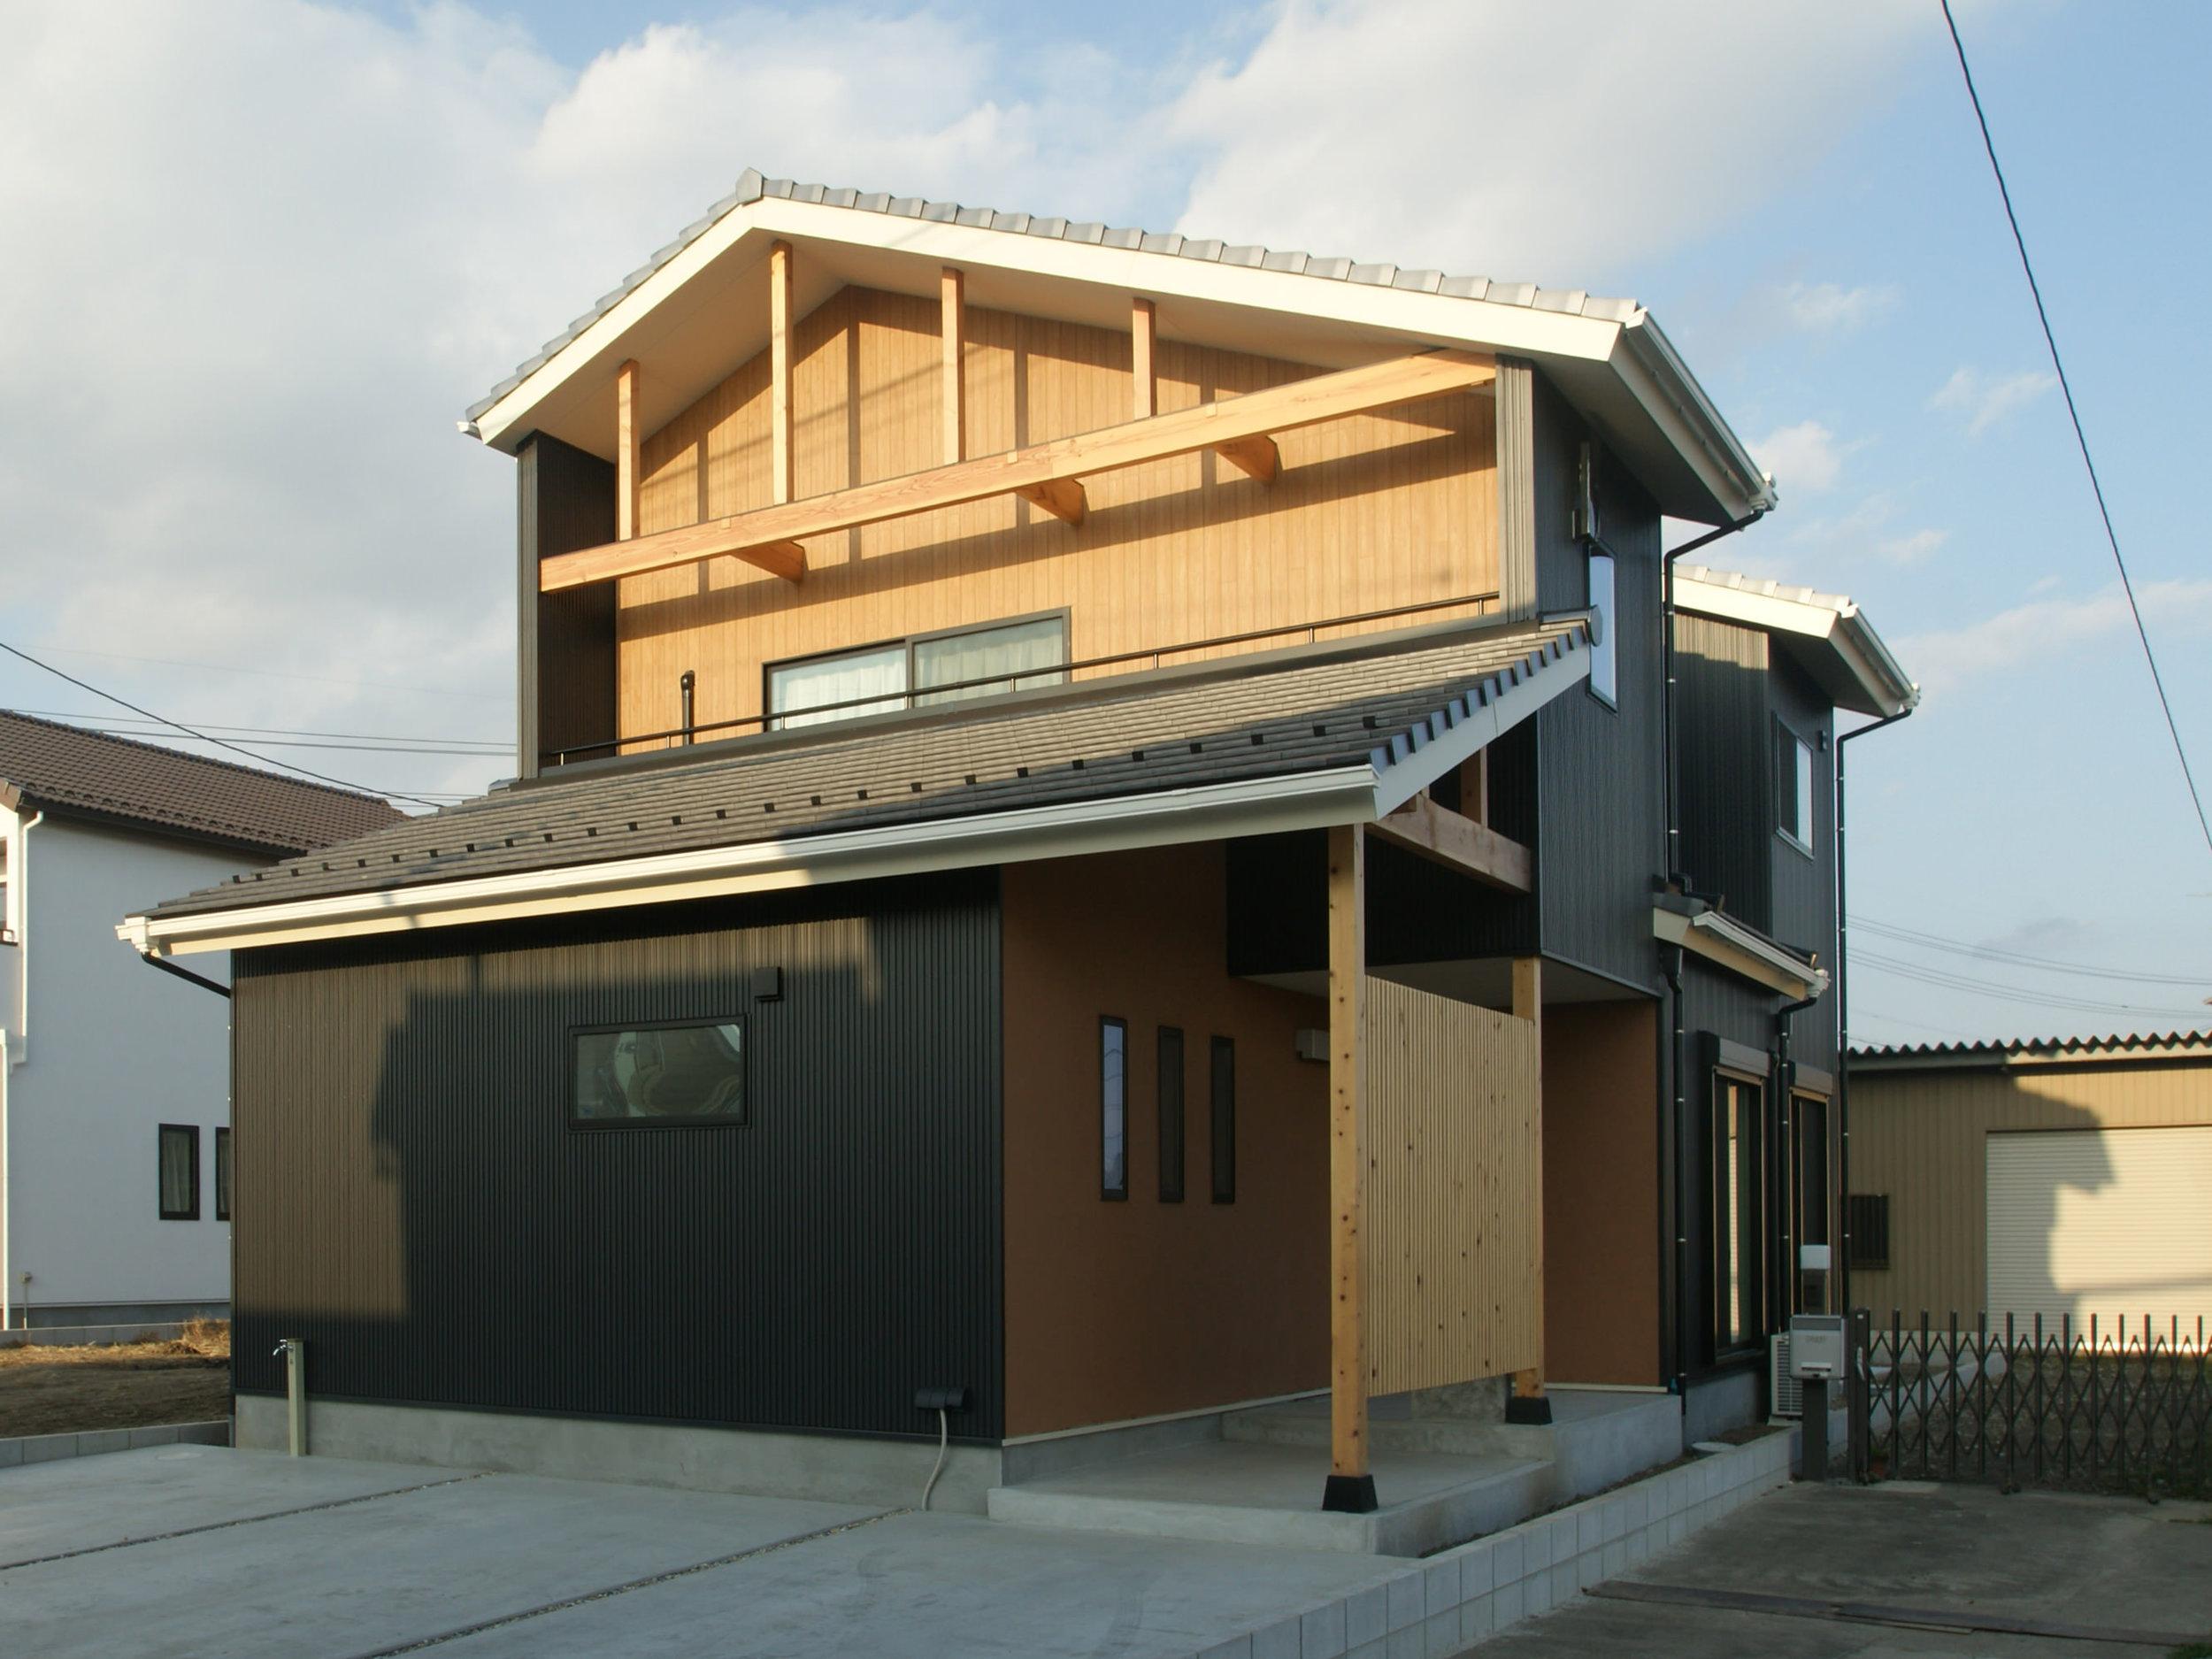 成正建装 愛知県 犬山市 新築 リフォーム 古民家再生 家づくり33.jpg